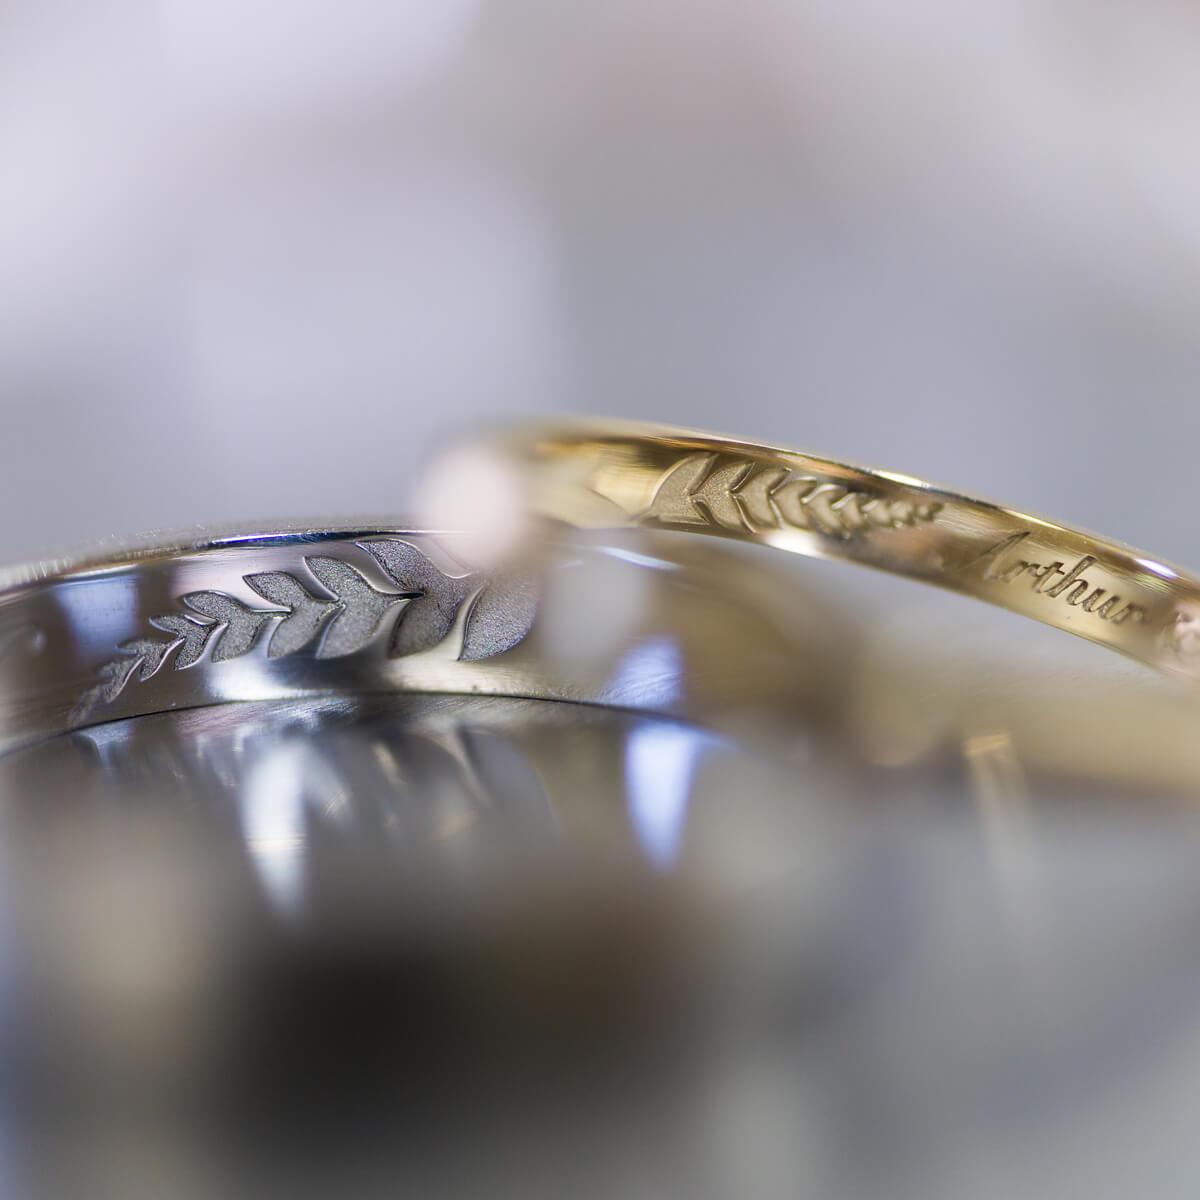 オーダーメイド結婚指輪 ジュエリーのアトリエ ゴールド、プラチナ 内側に屋久島のシダ模様 屋久島でつくる結婚指輪